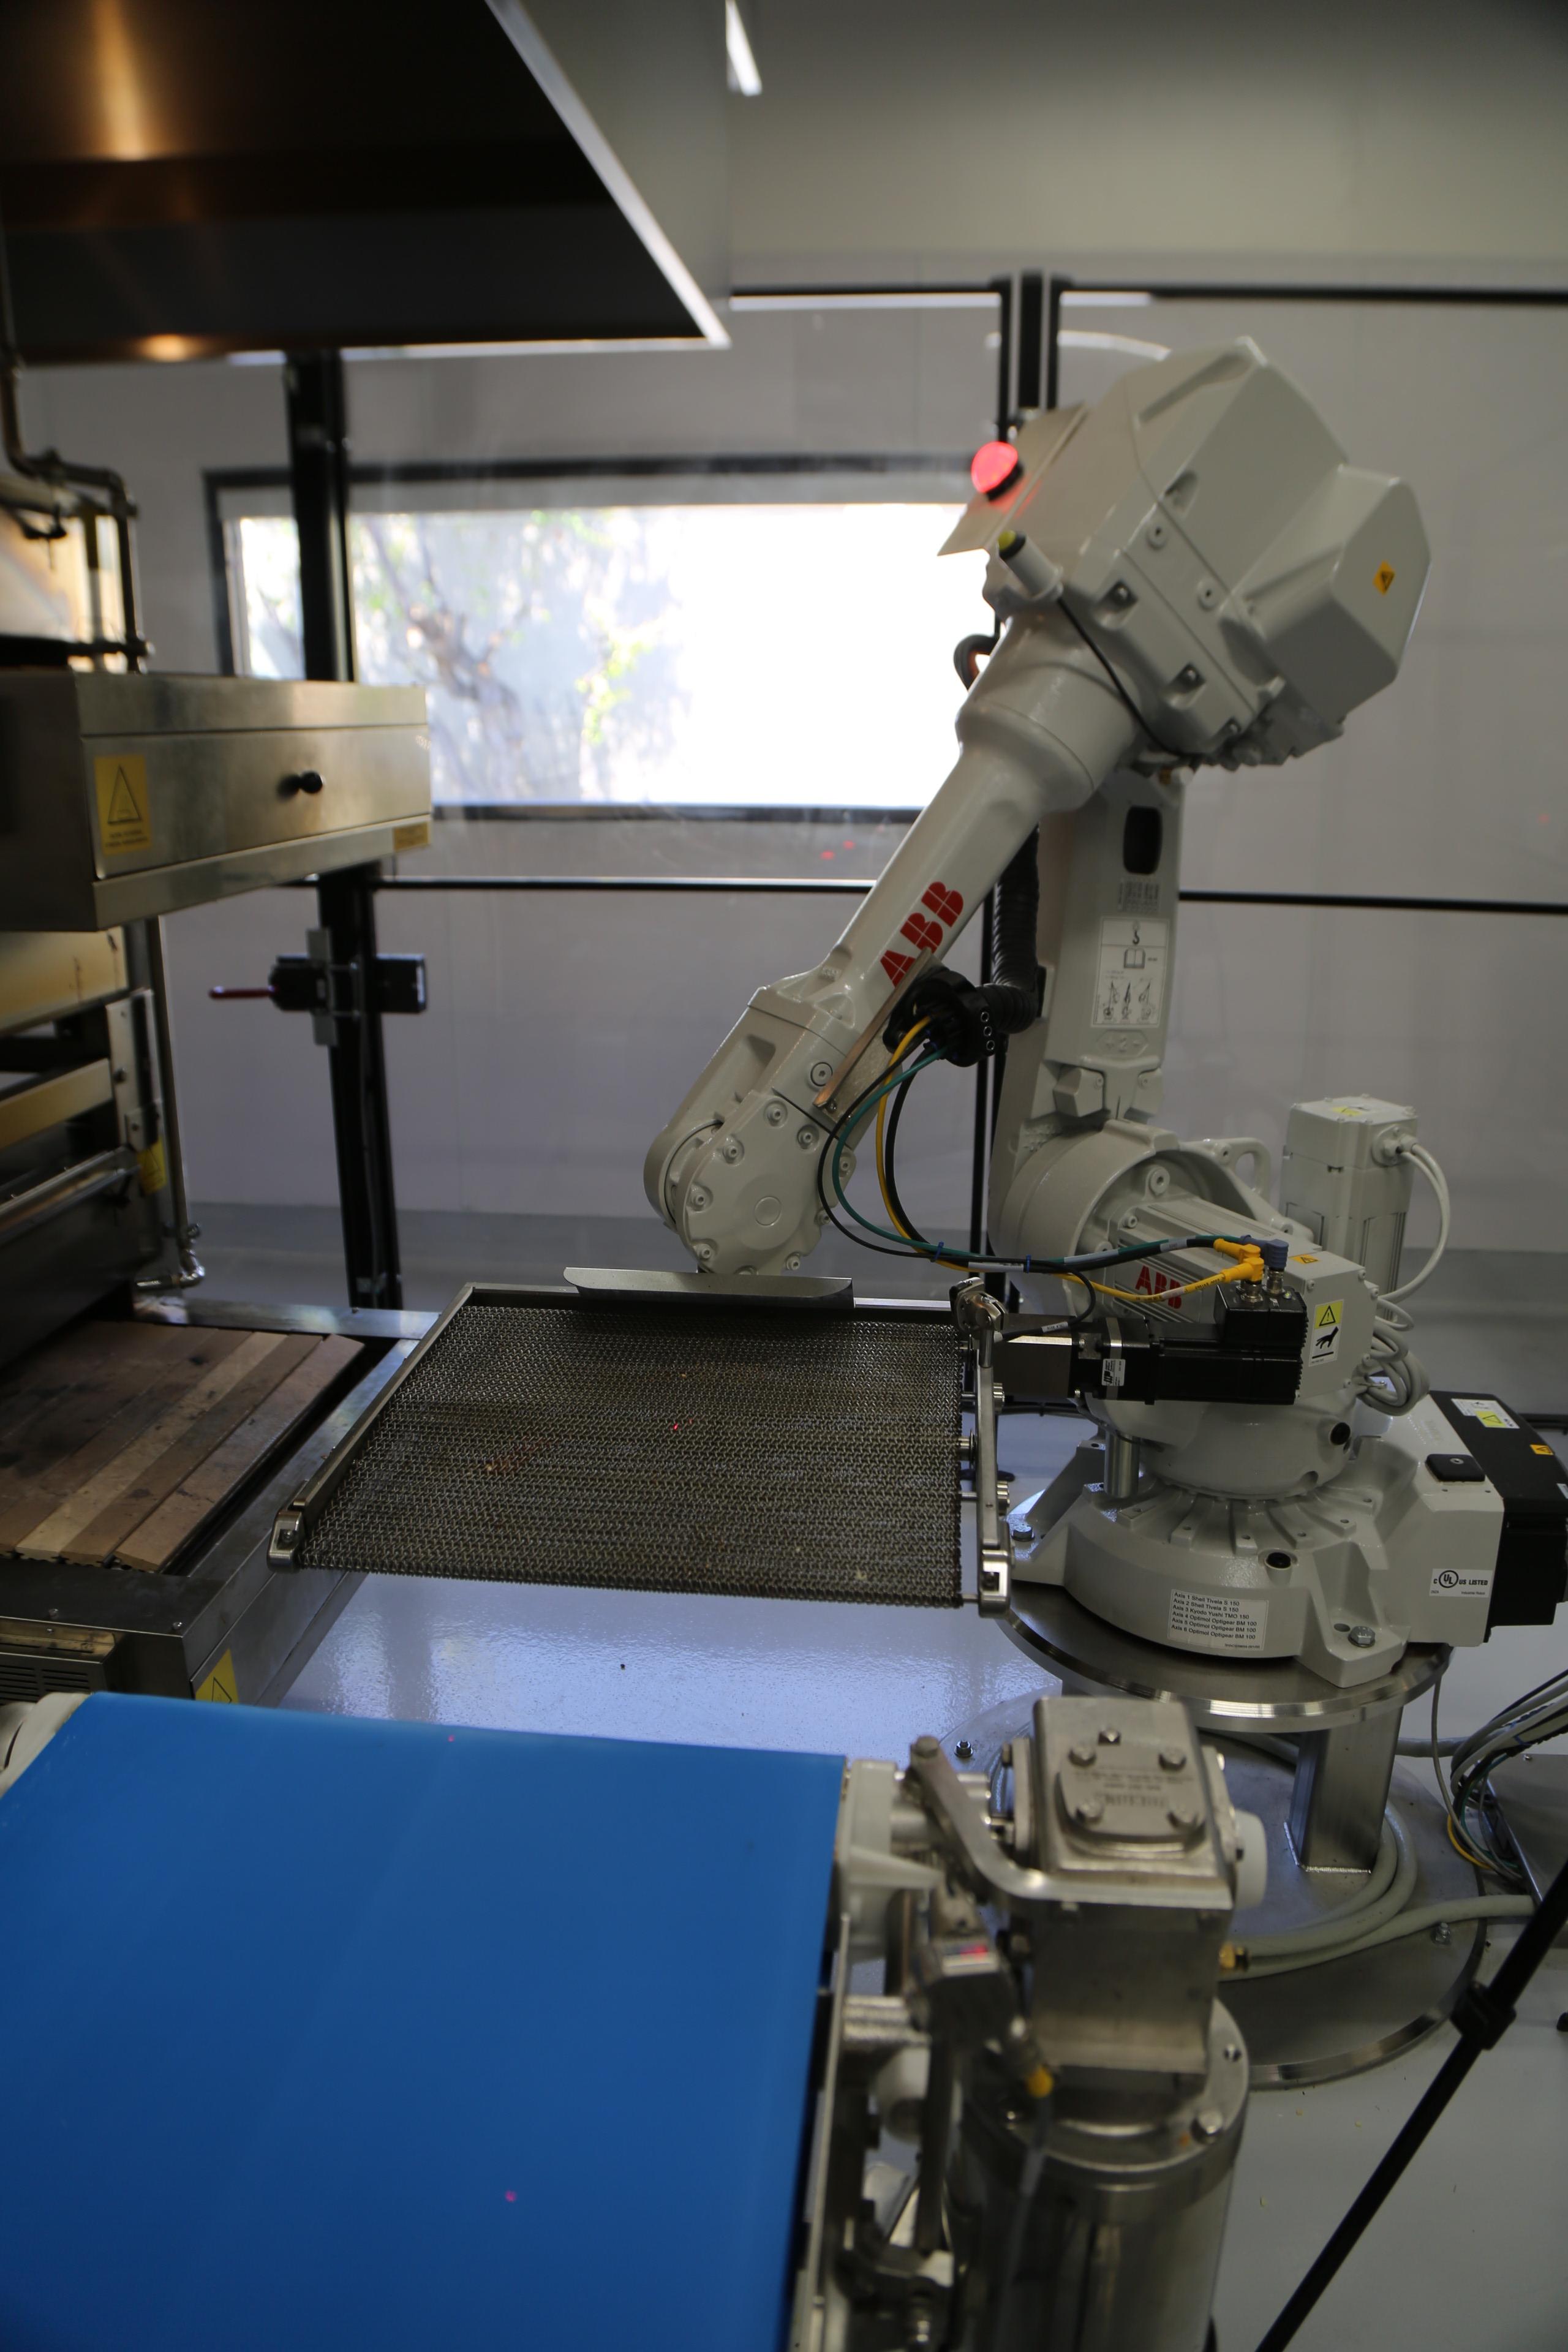 Zume Robot